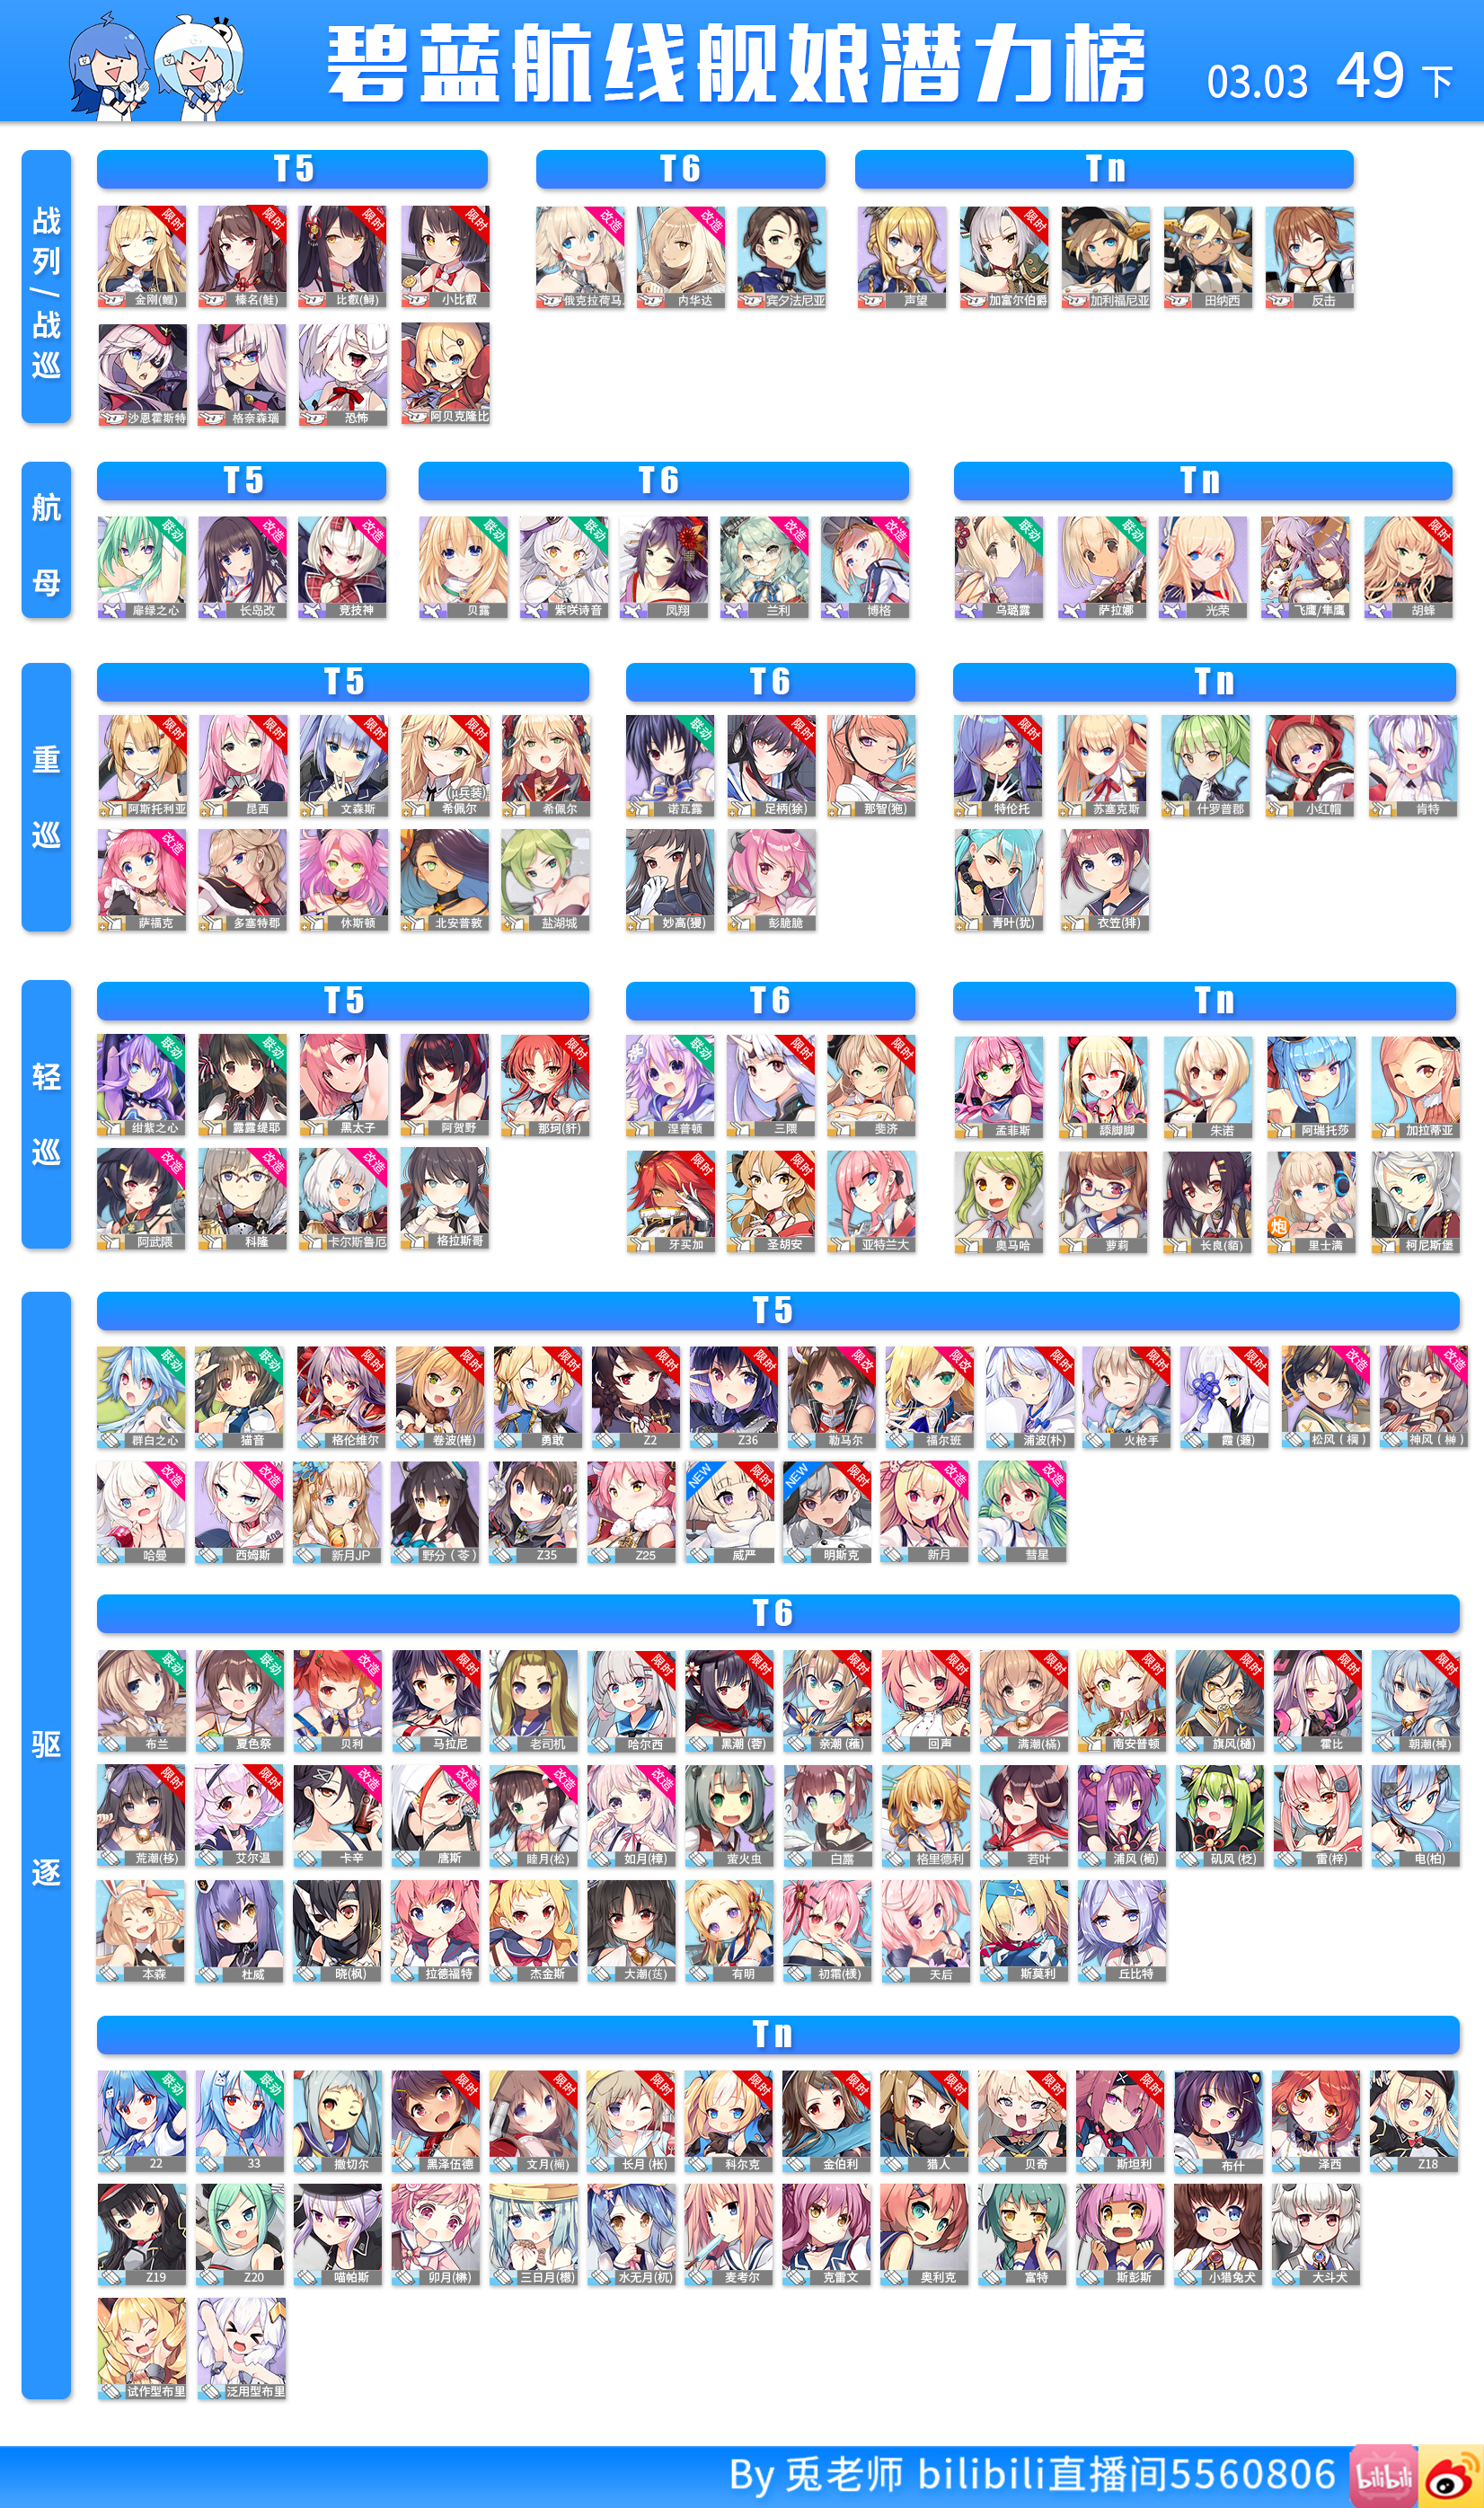 【アズレン】アズールレーン Part4832 ->画像>92枚